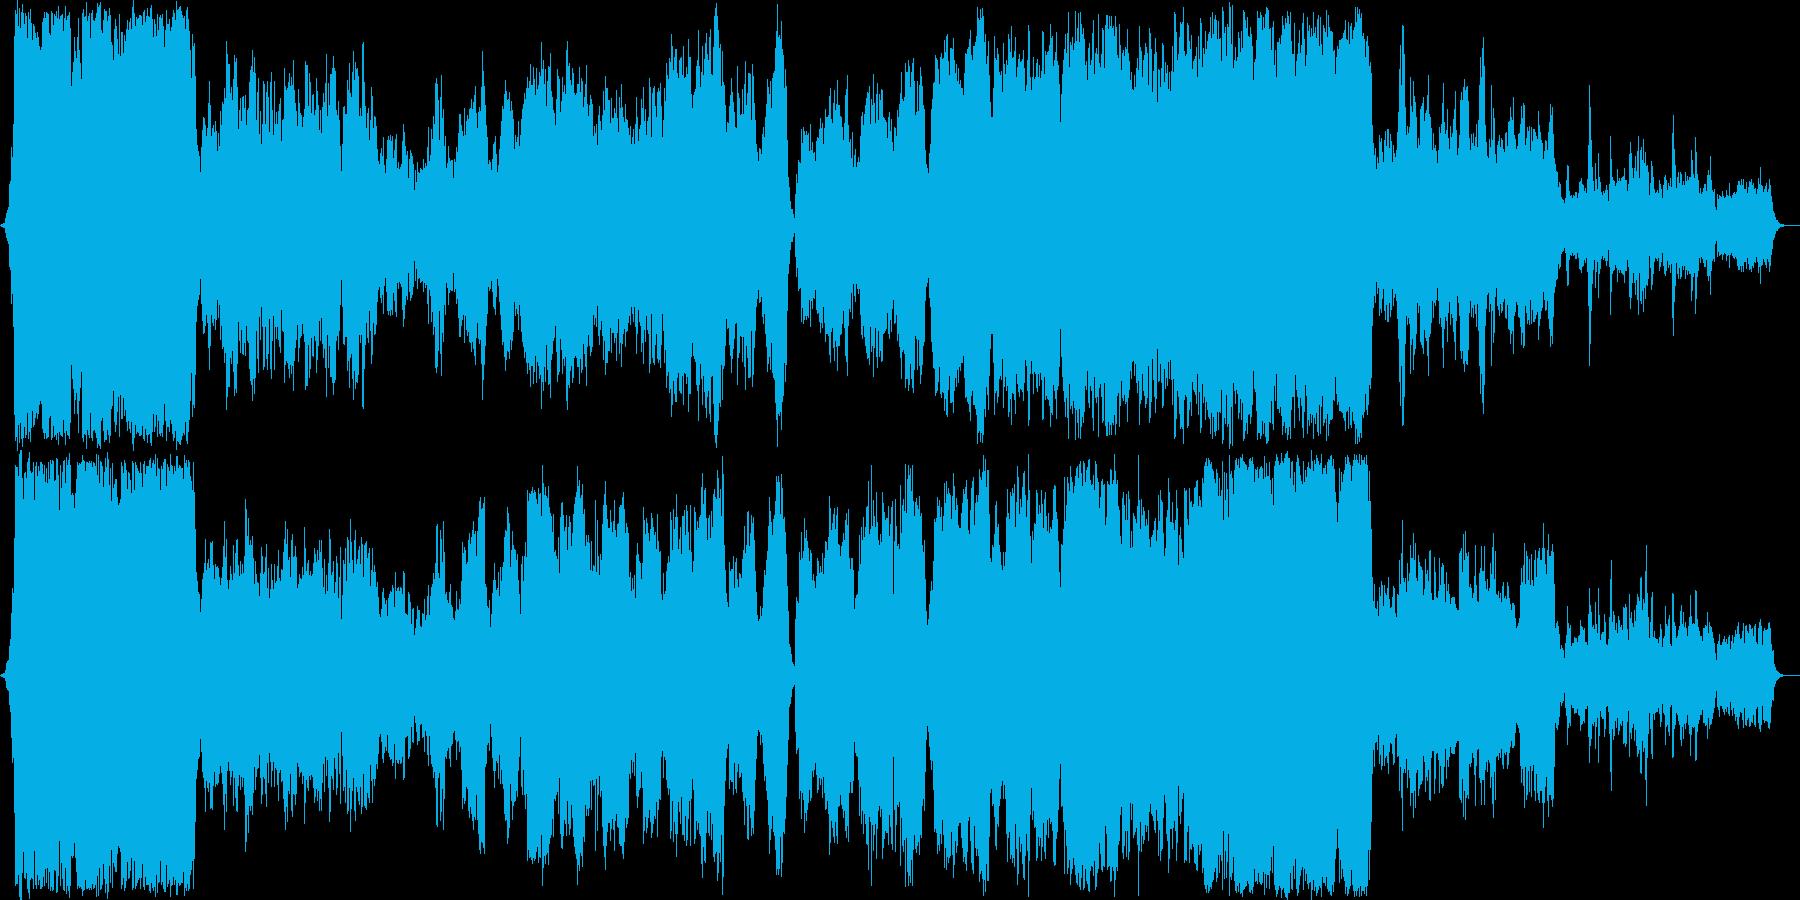 壮大な宇宙をテーマにしたクラシック音楽の再生済みの波形